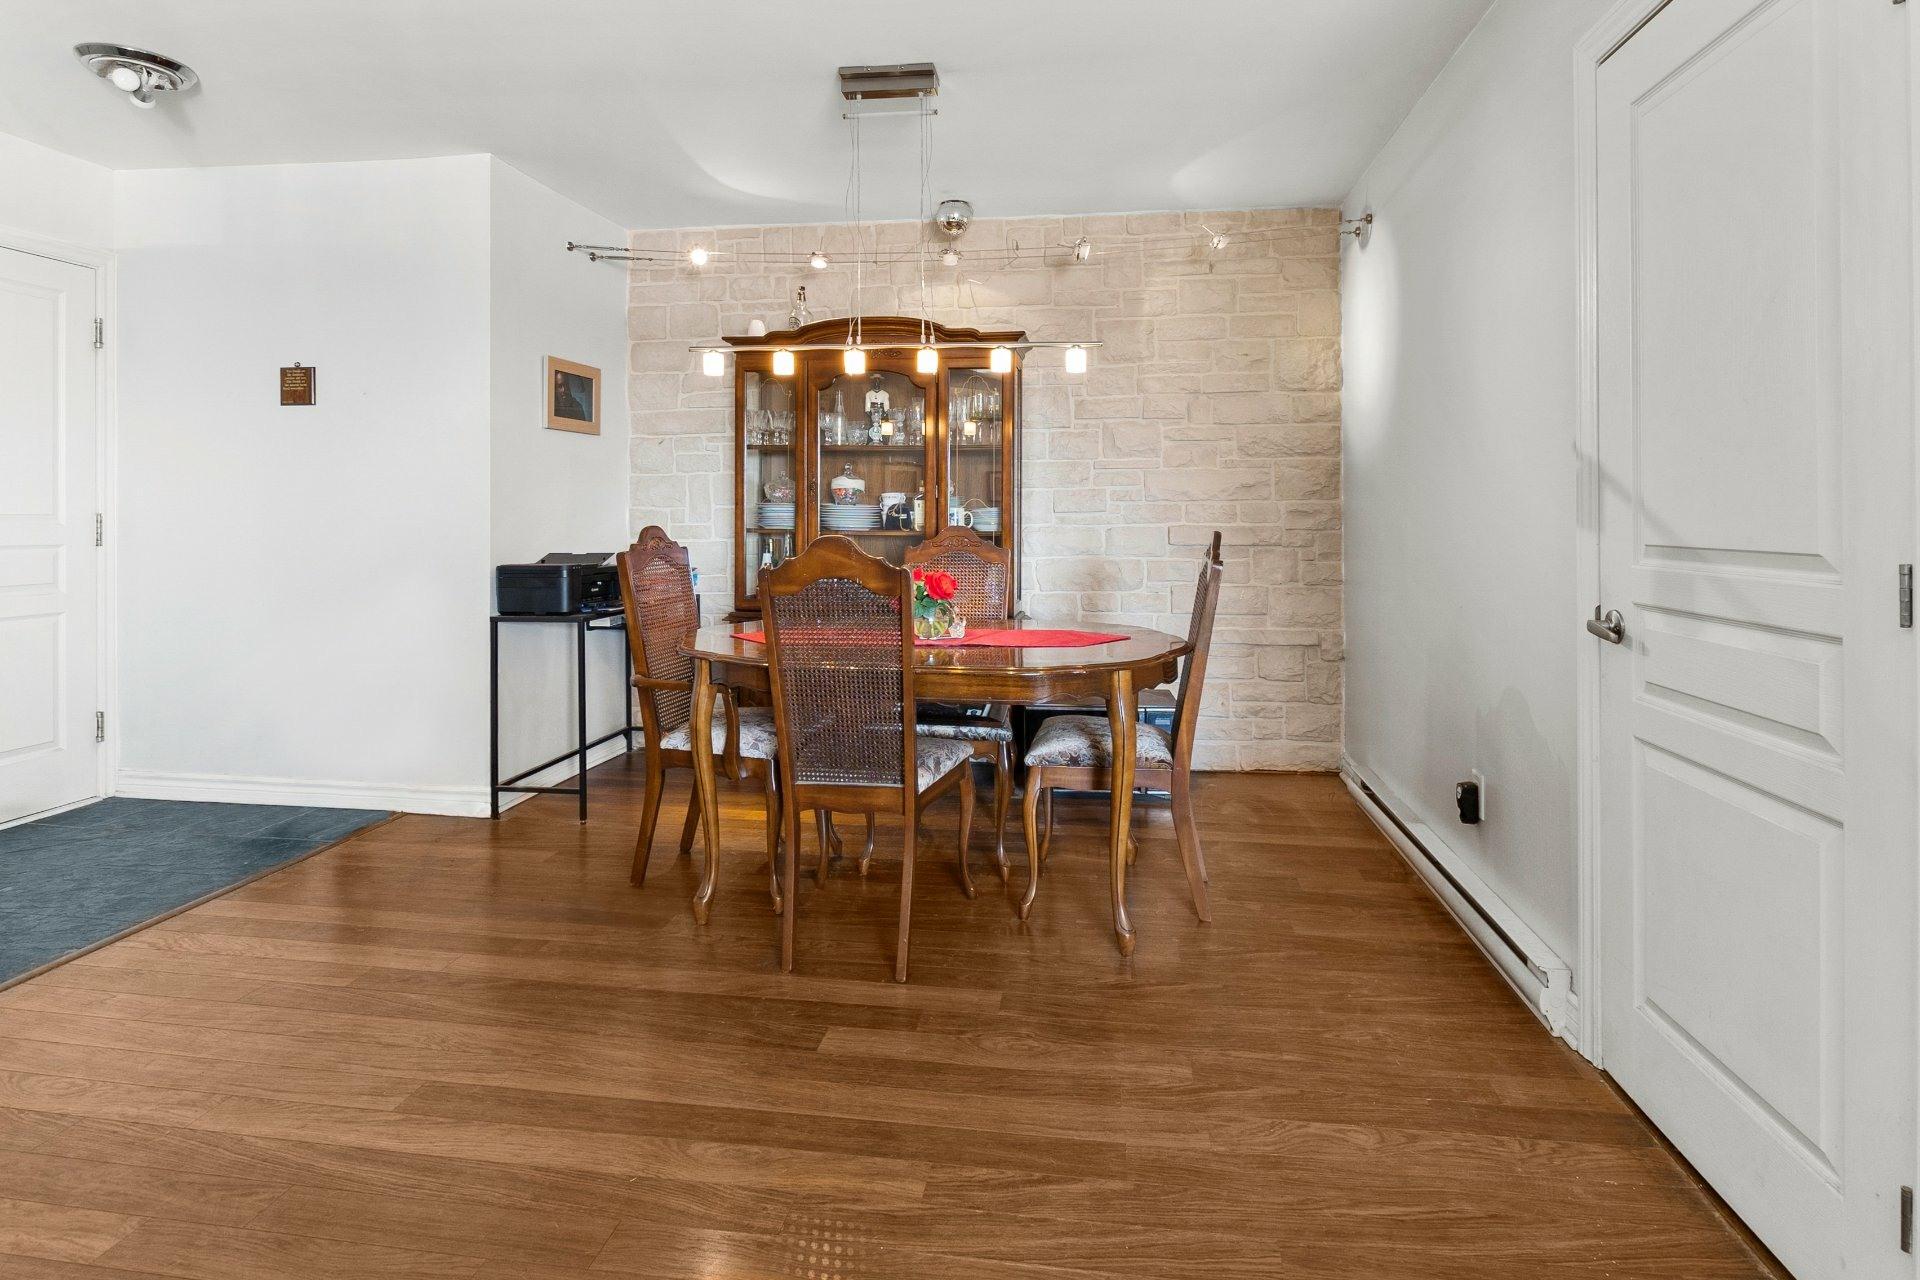 image 5 - Appartement À vendre Brossard - 6 pièces